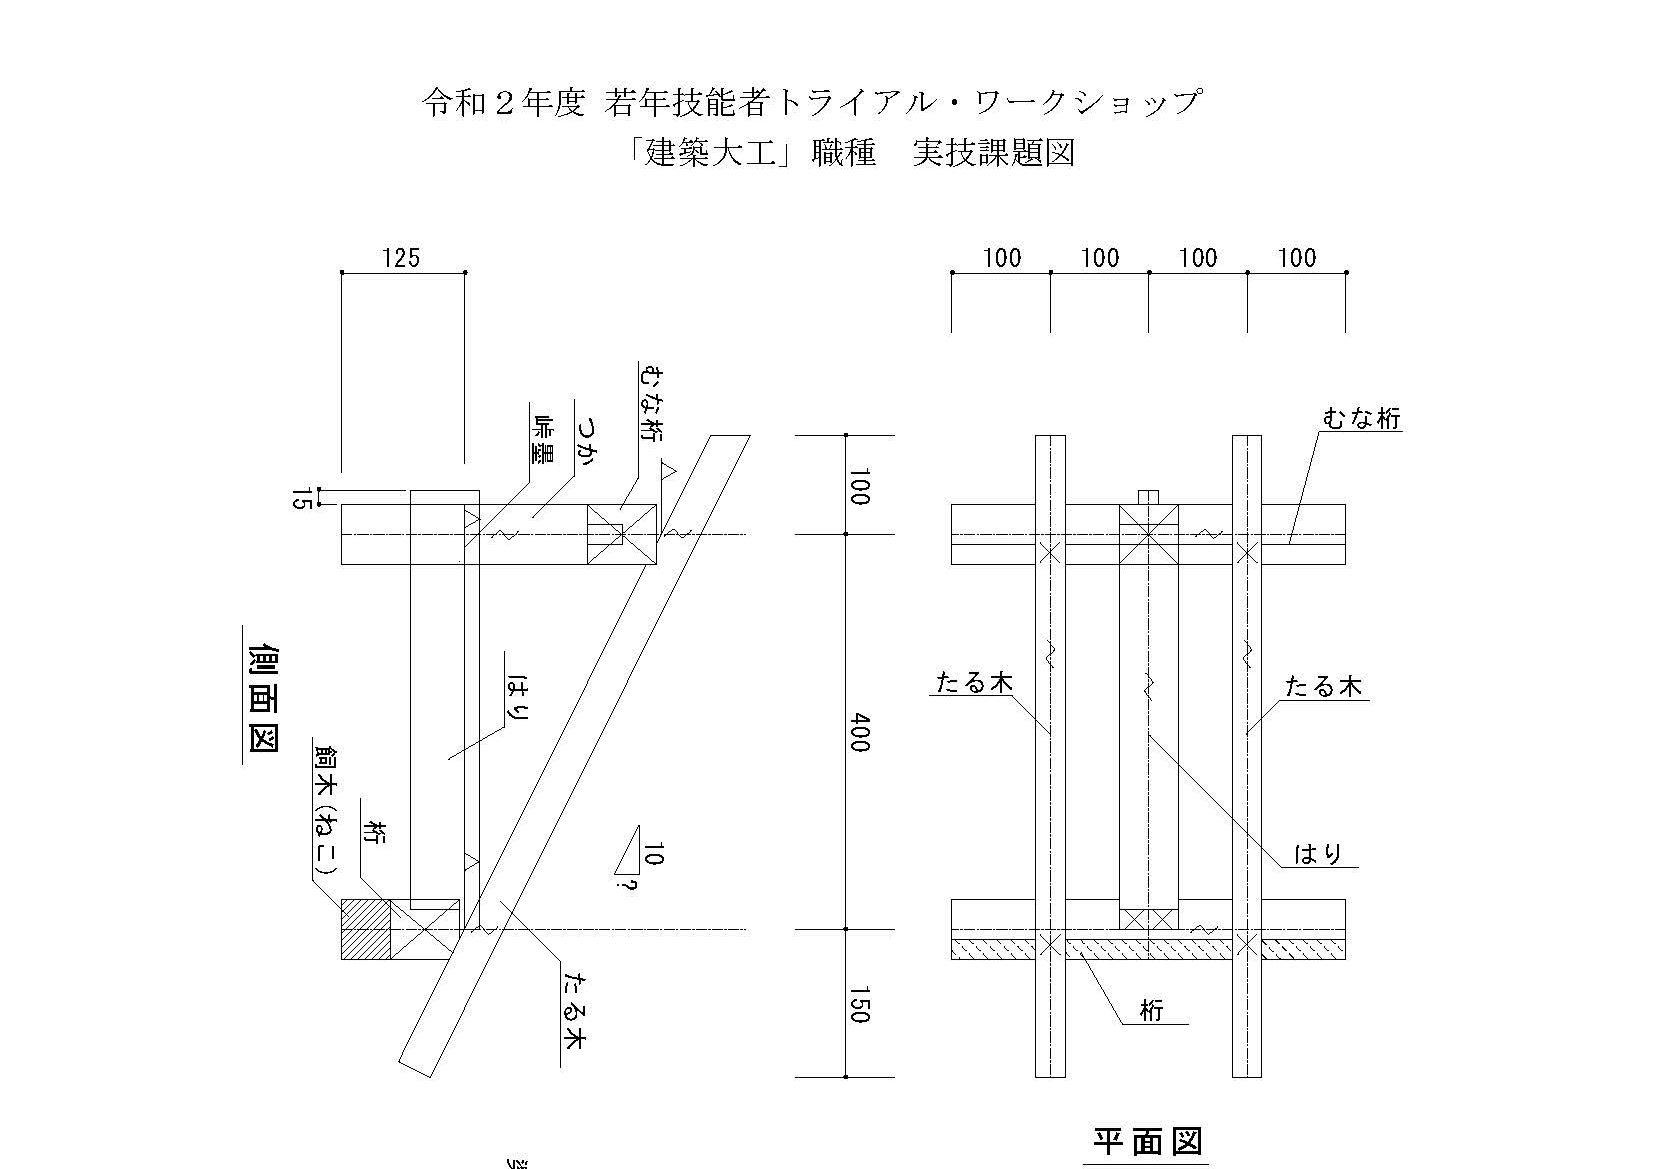 「建築大工」職種 実技課題図